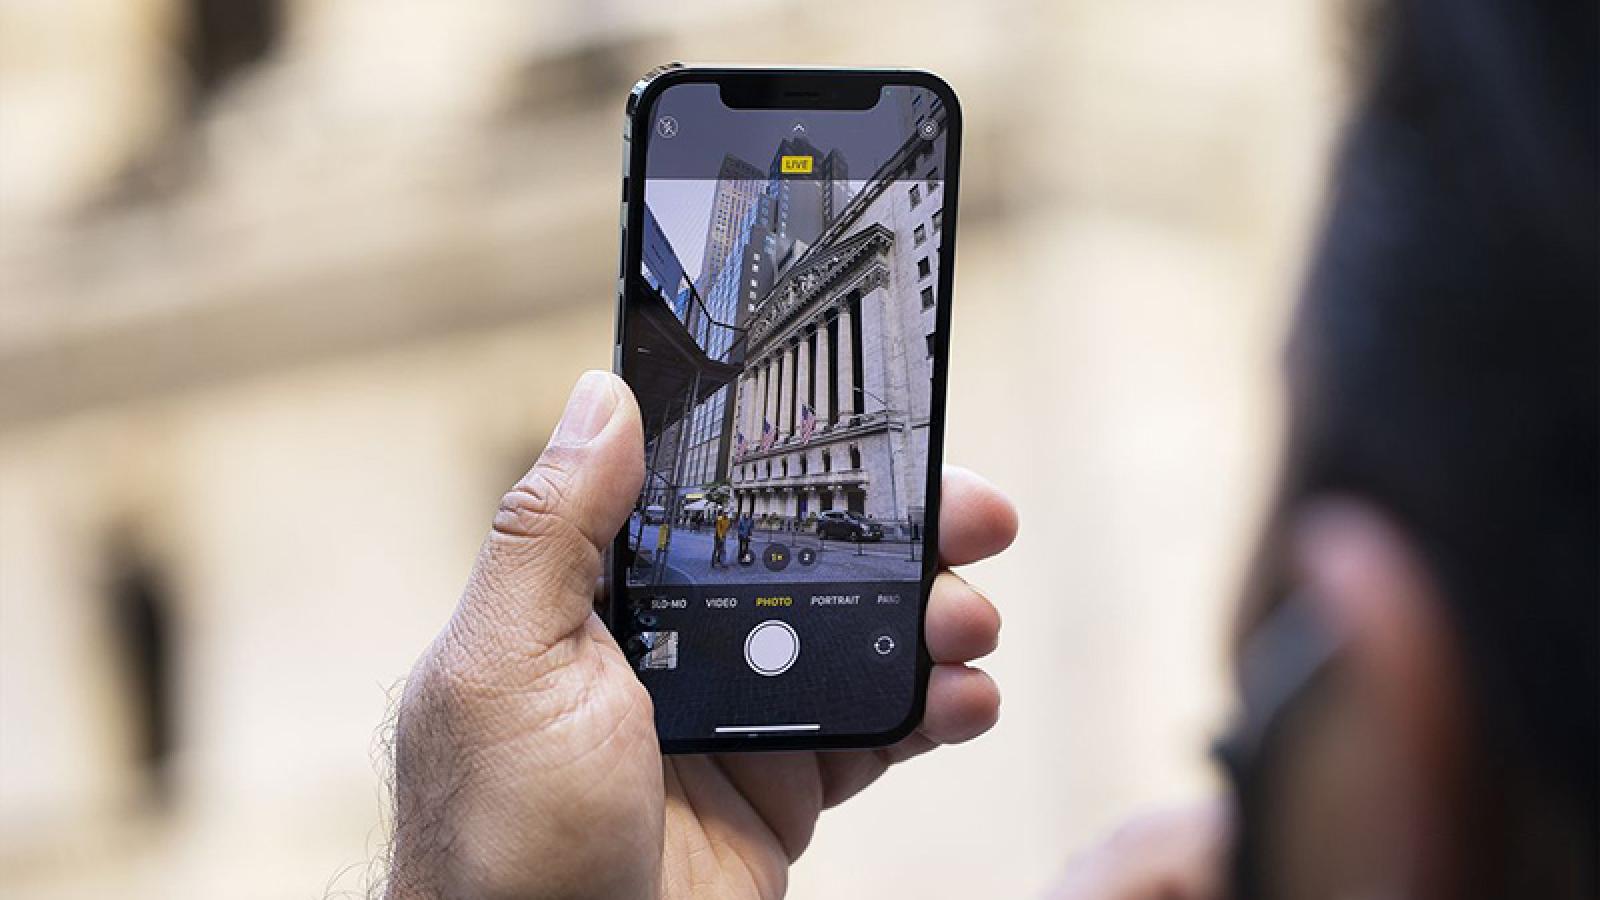 iOS 14.3 chính thức ra mắt đưa iPhone 12 Pro lên tầm cao mới